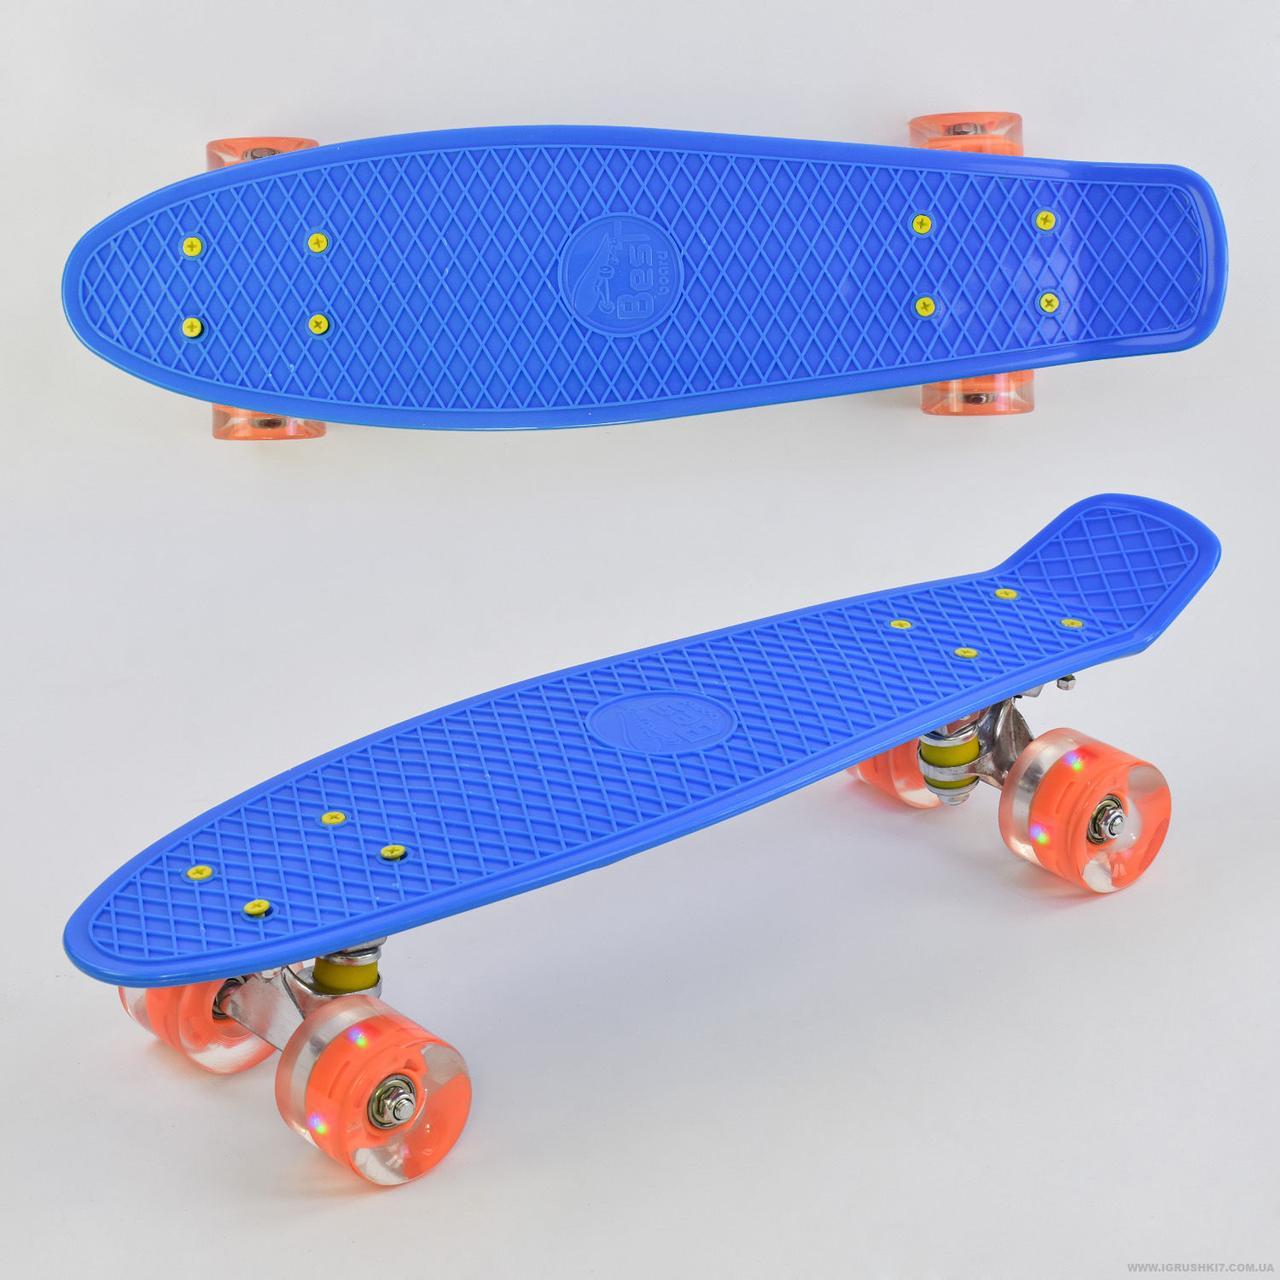 Скейт Пенні борд 0880 Best Board, СИНІЙ, дошка=55см, колеса PU зі світлом,